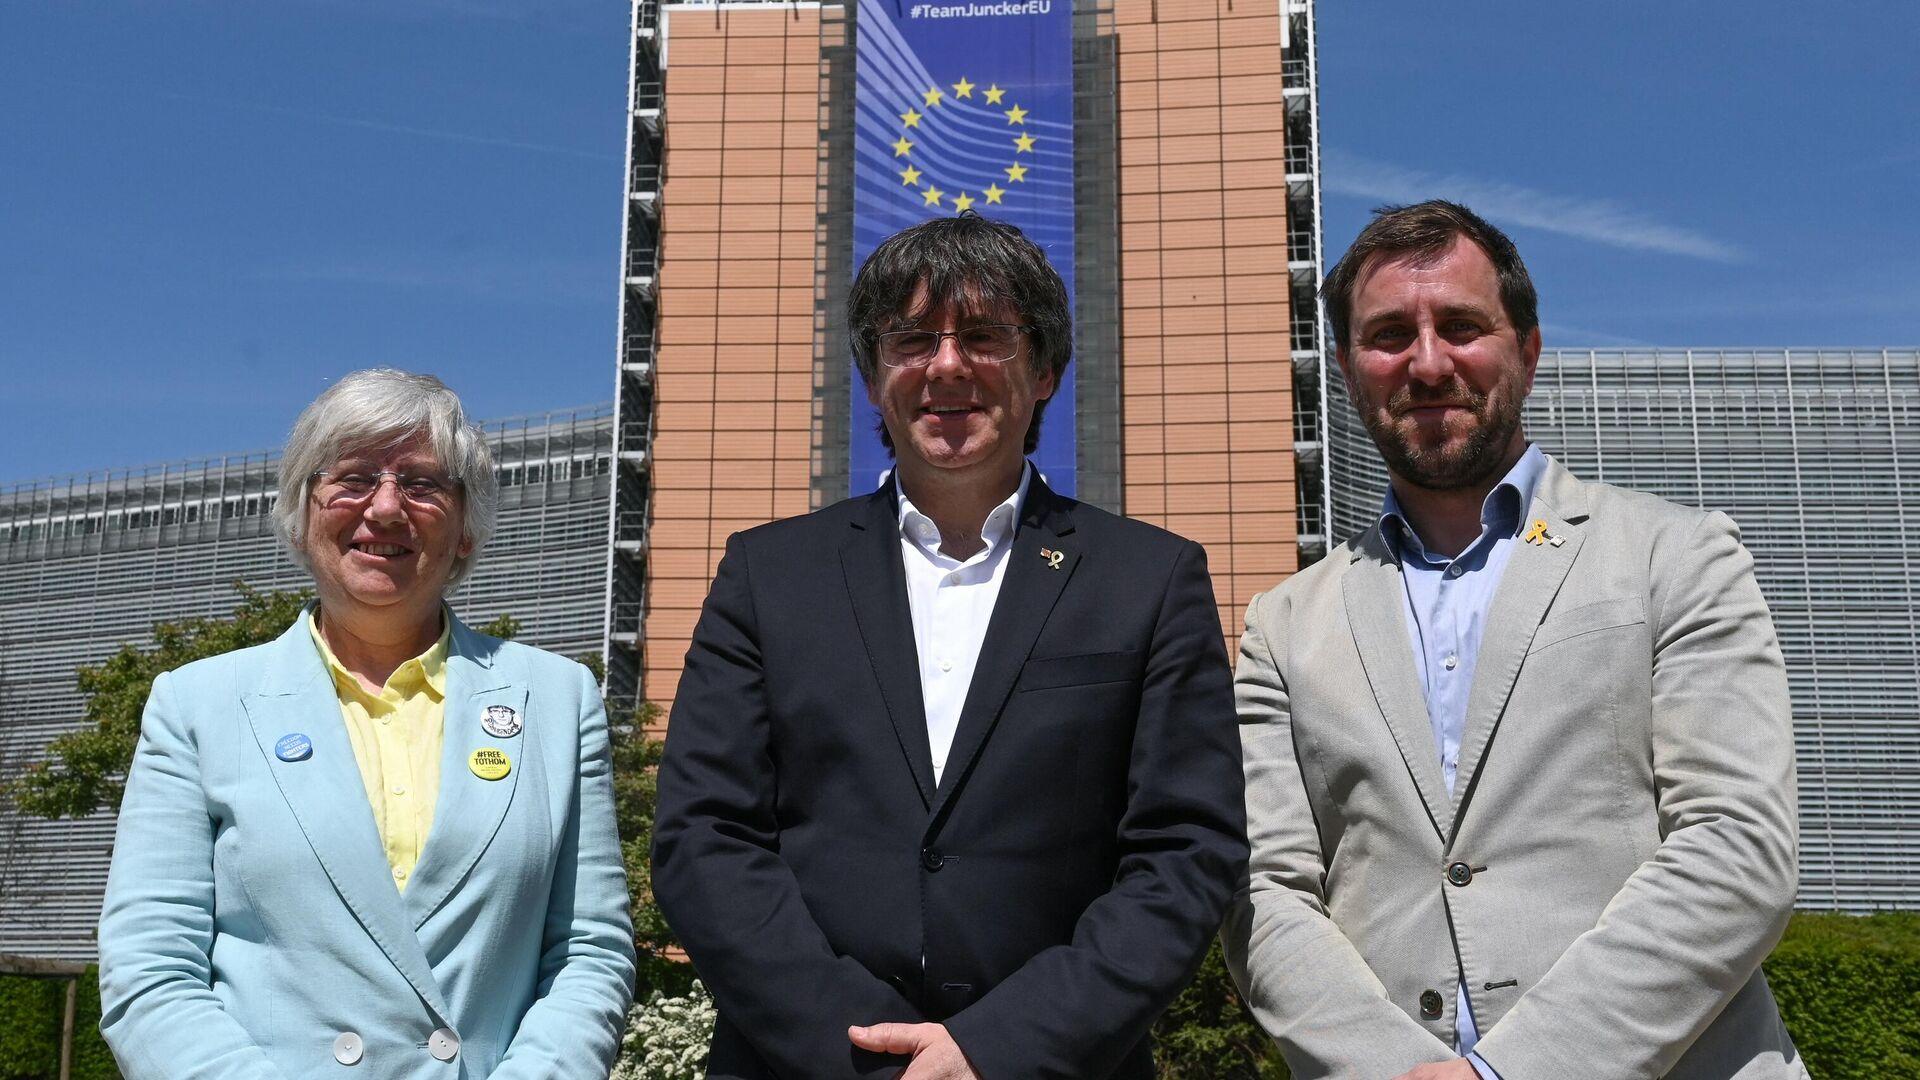 Foto de archivo de Clara Ponsati, Carles Puigdemont y Antoni Comín en la Comisión Europea - Sputnik Mundo, 1920, 09.03.2021